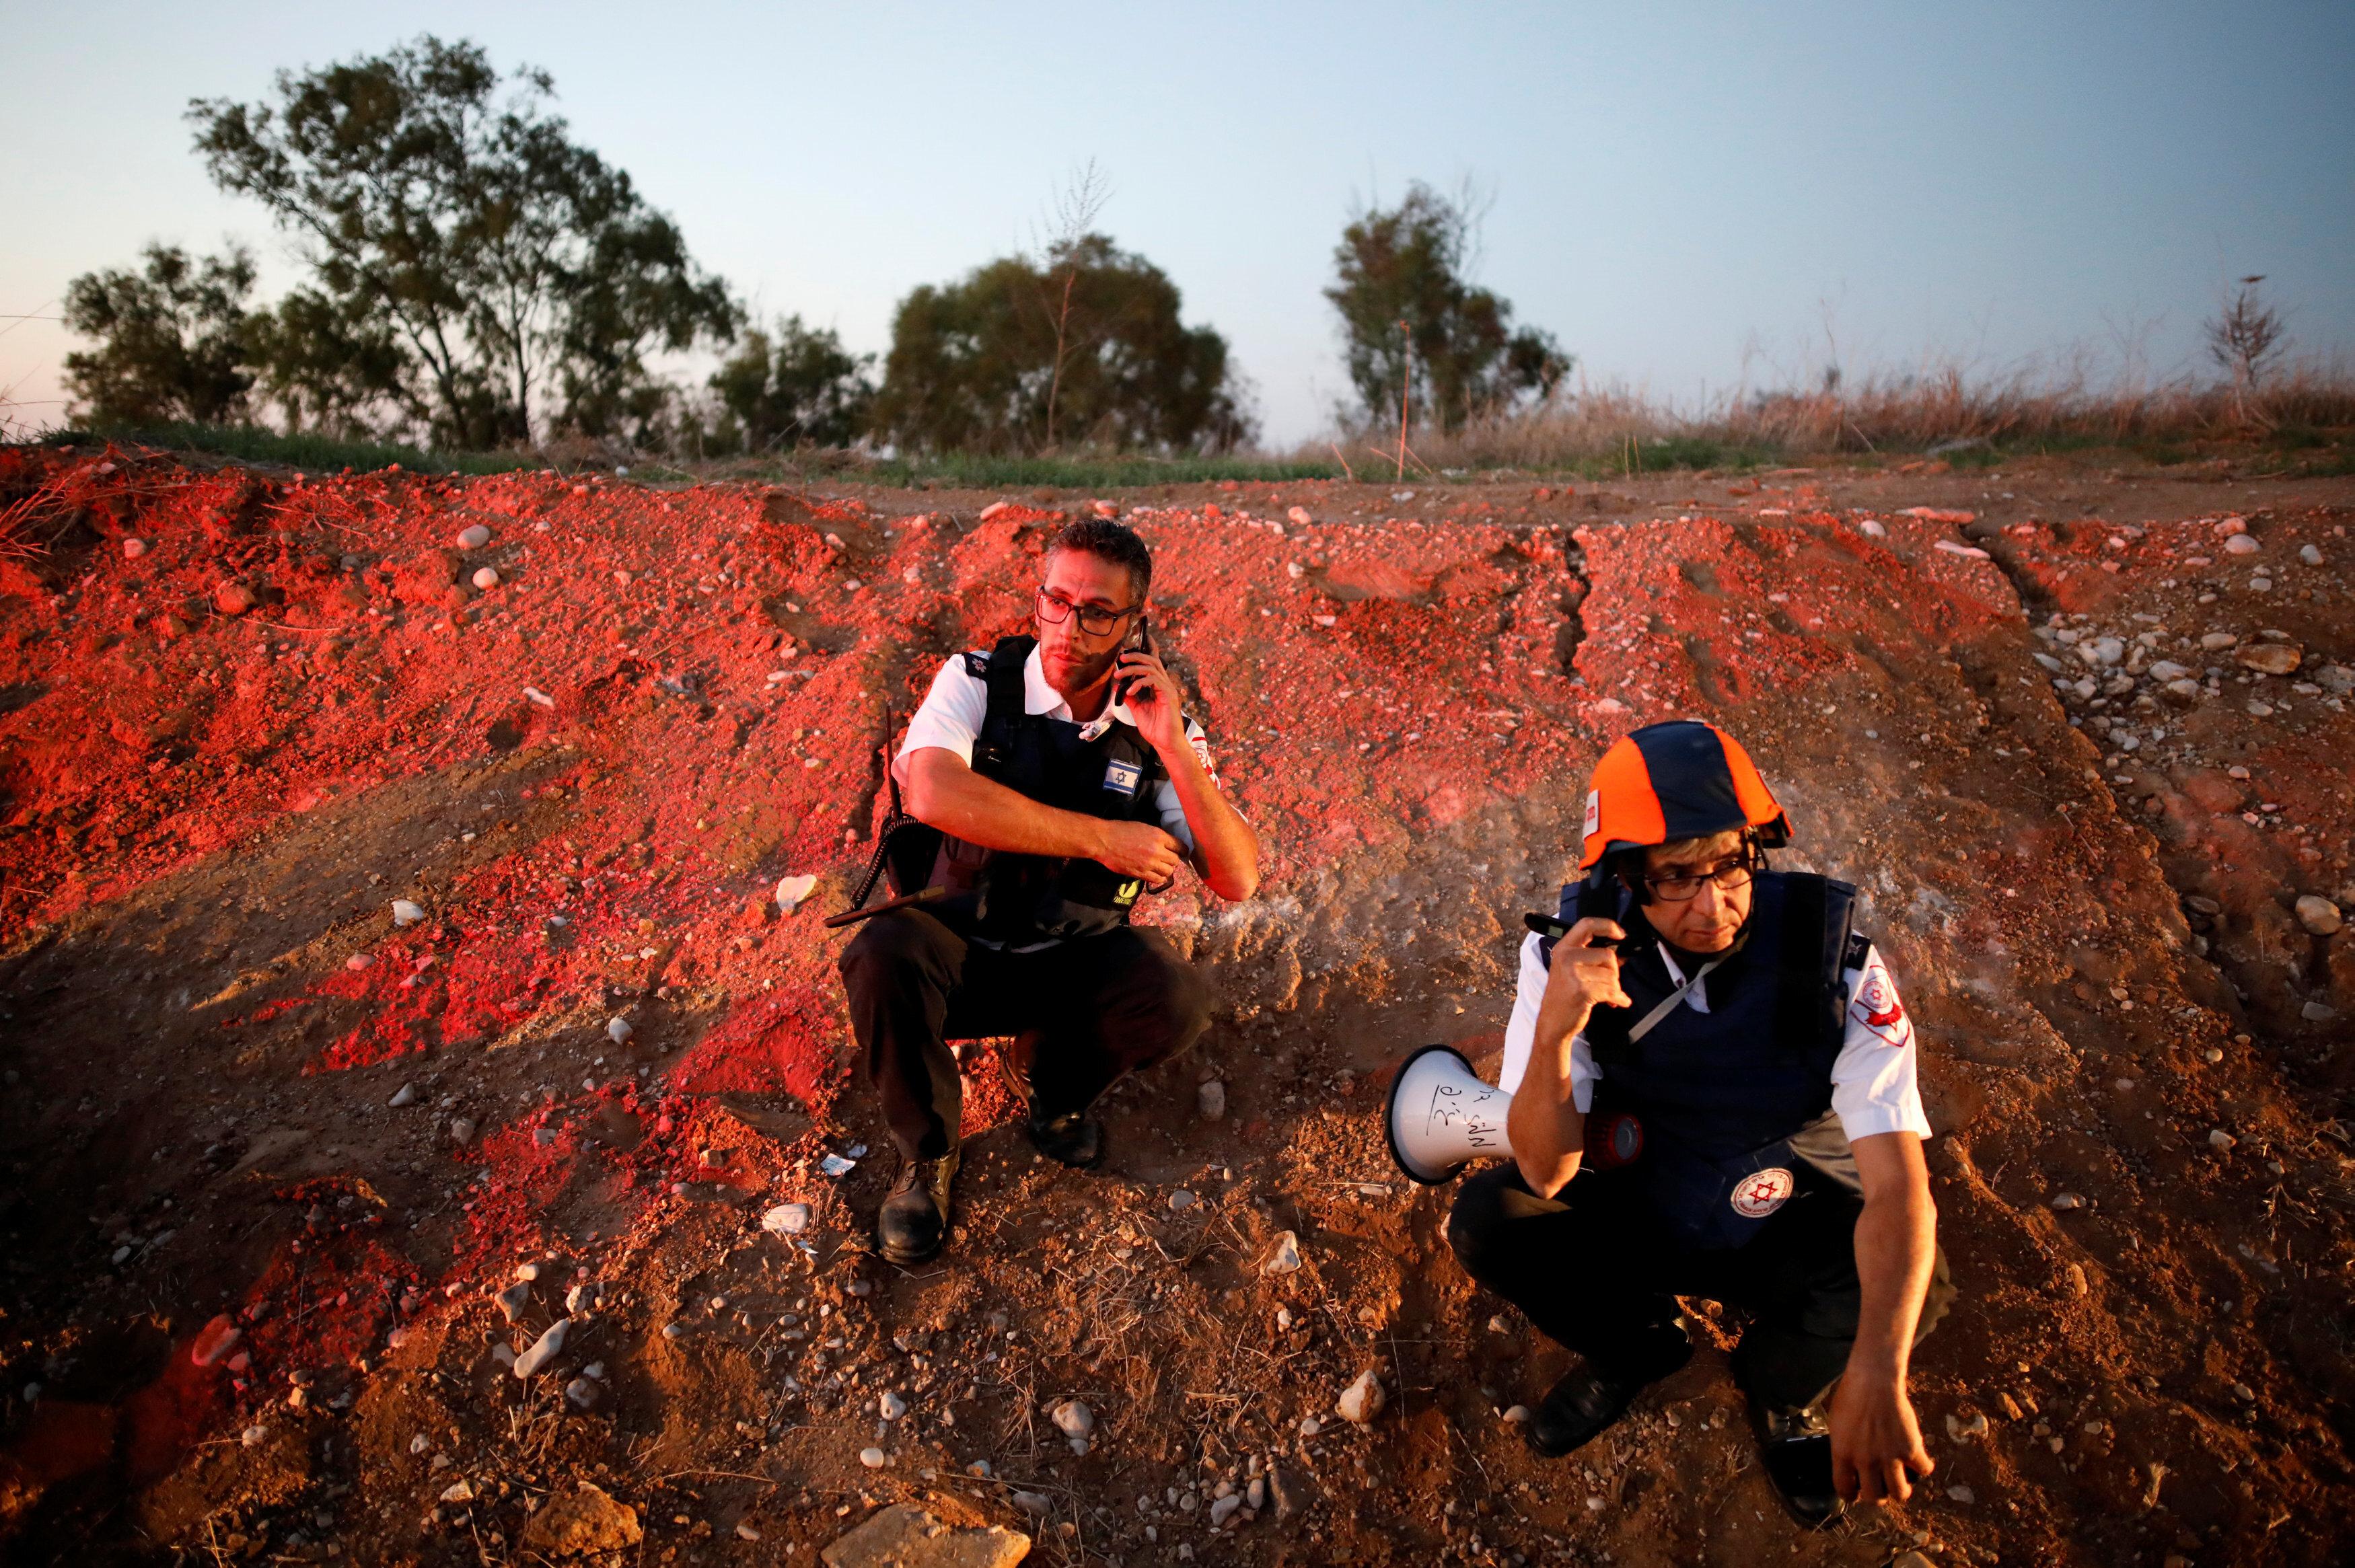 İsrailli acil yardım ekiplerinin tedirgin bekleyişi